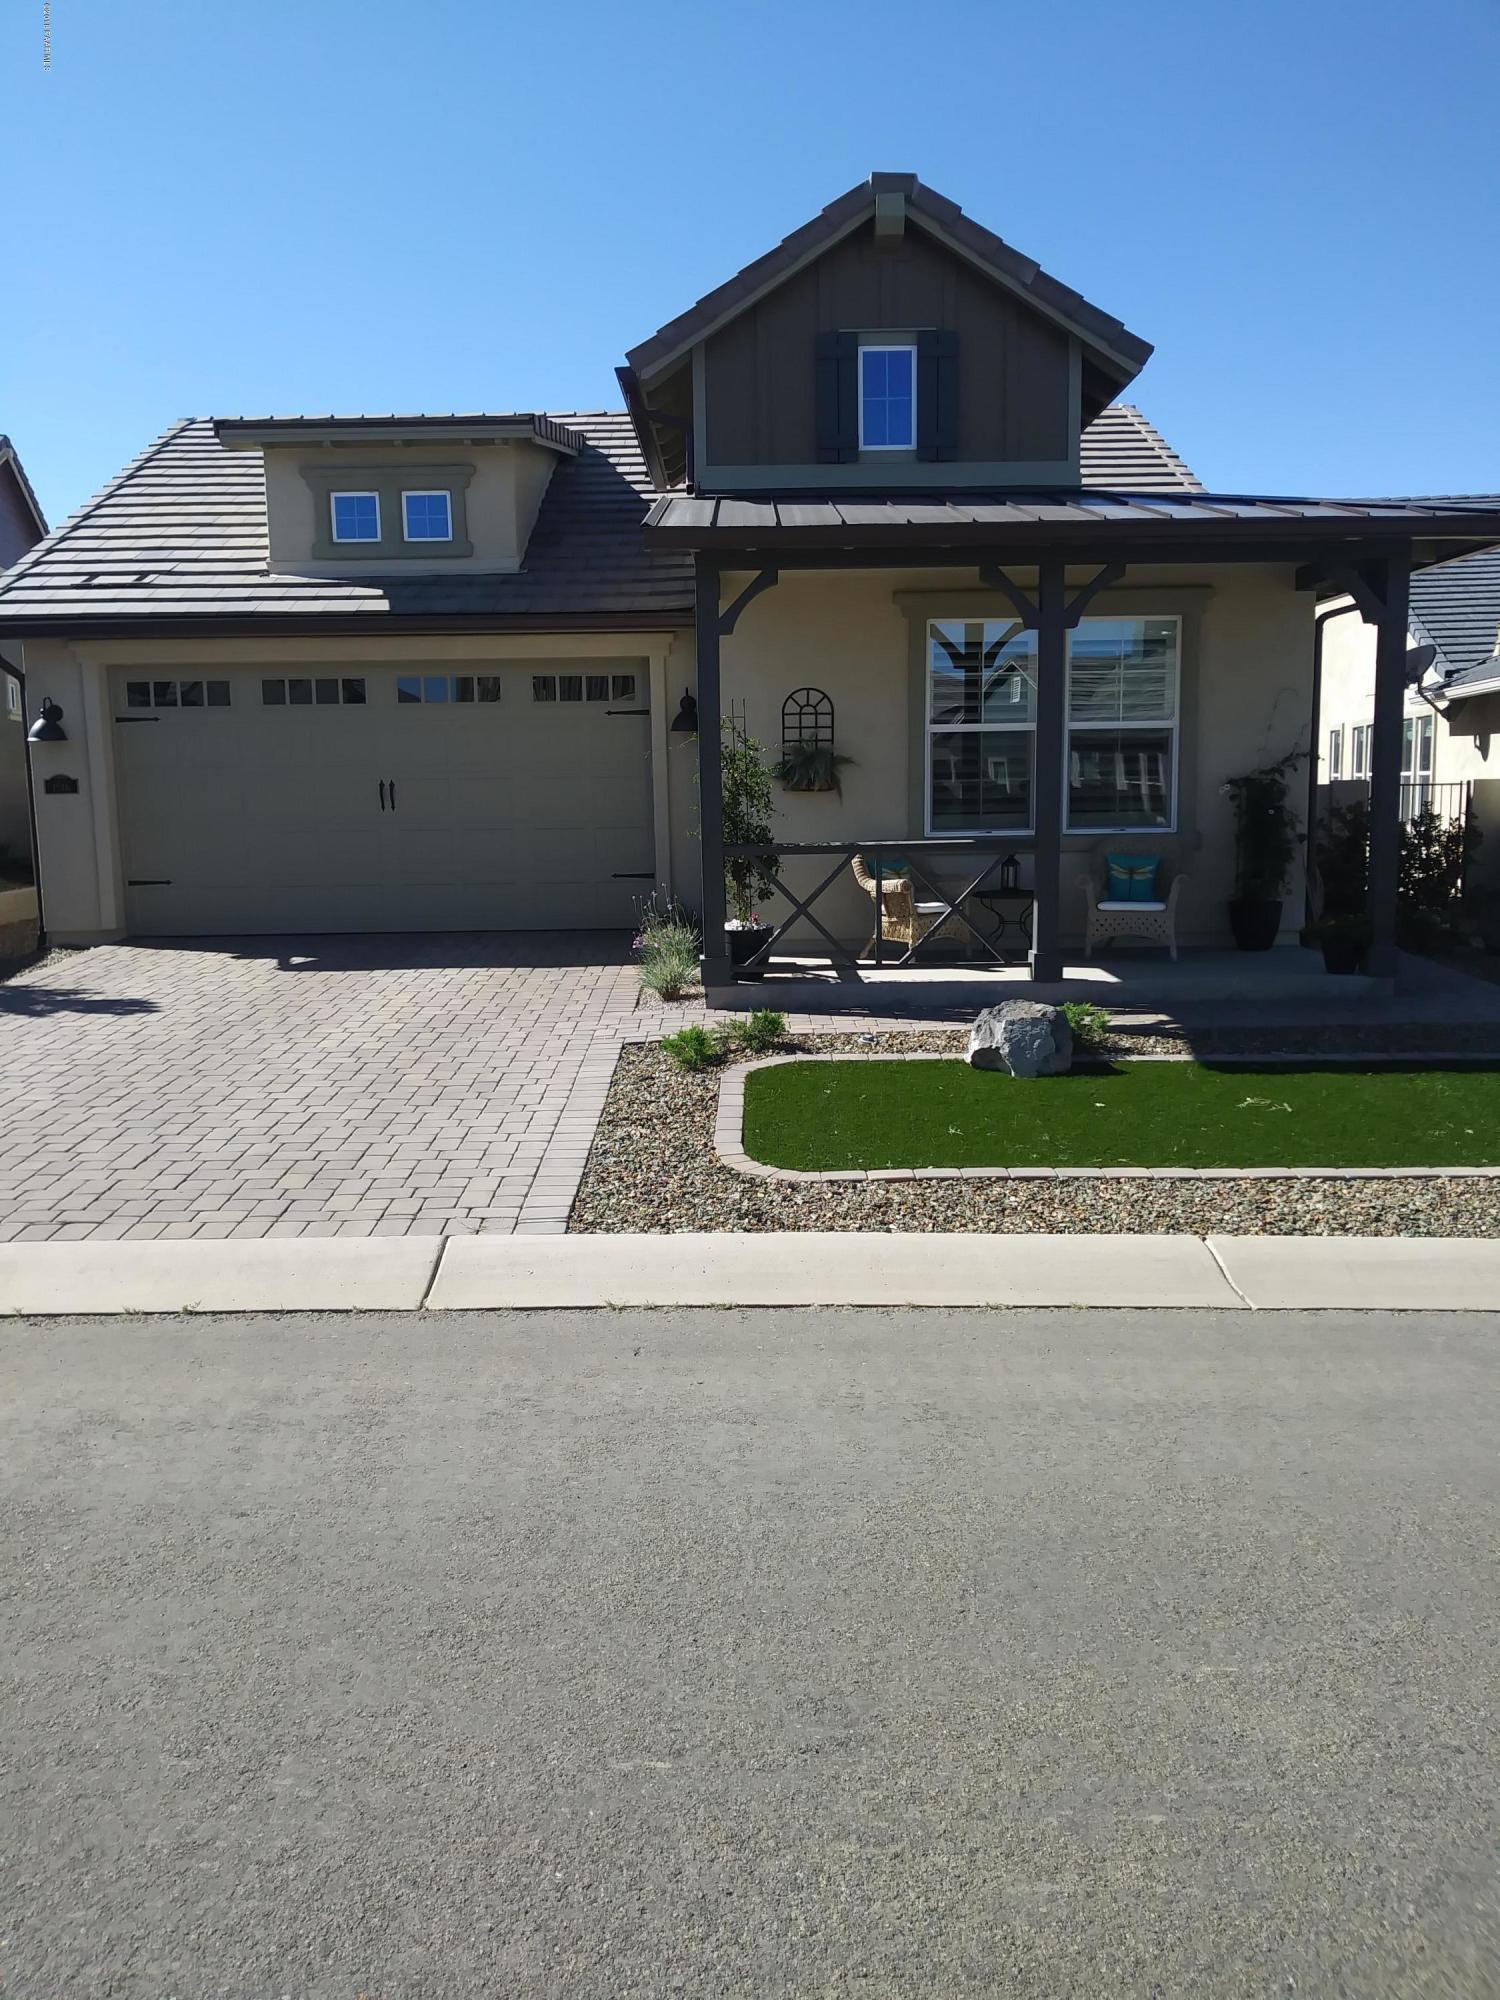 Photo of 1412 Varsity, Prescott, AZ 86301